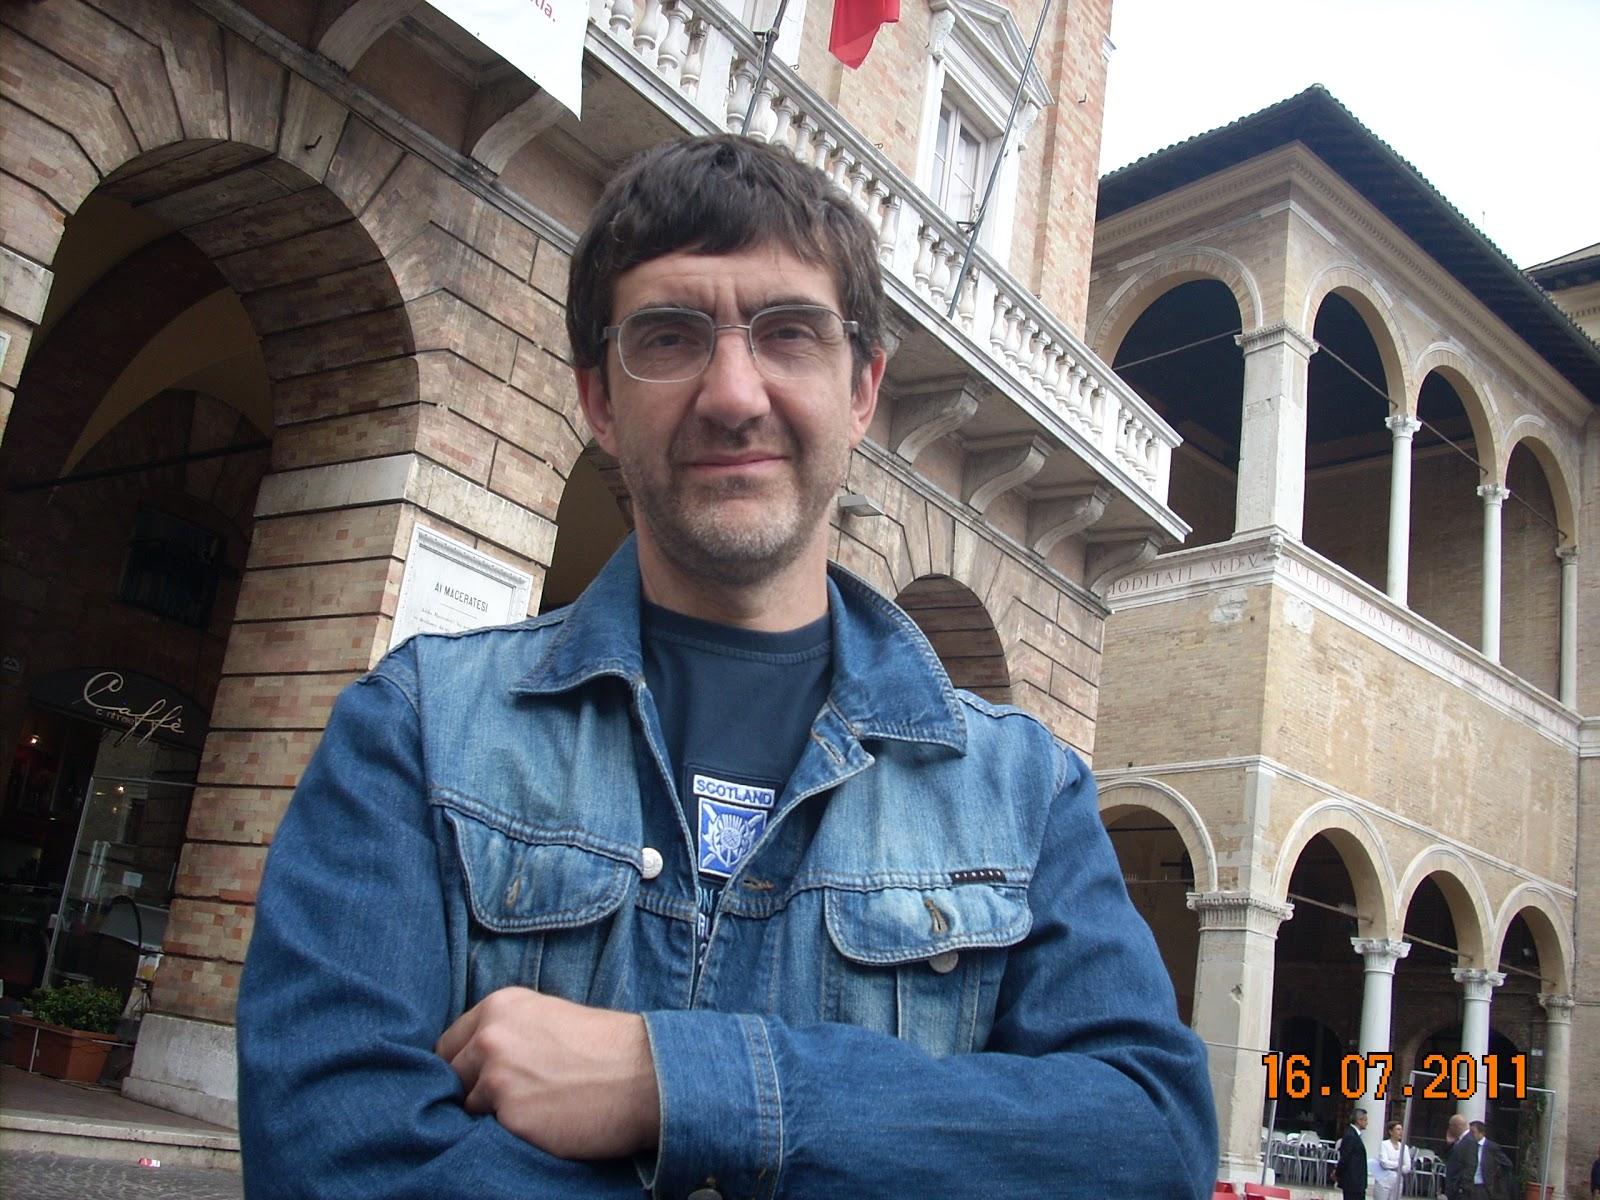 Alan ford gruppo t n t ubc enciclopedia online del fumetto - Nelle Marche 2011